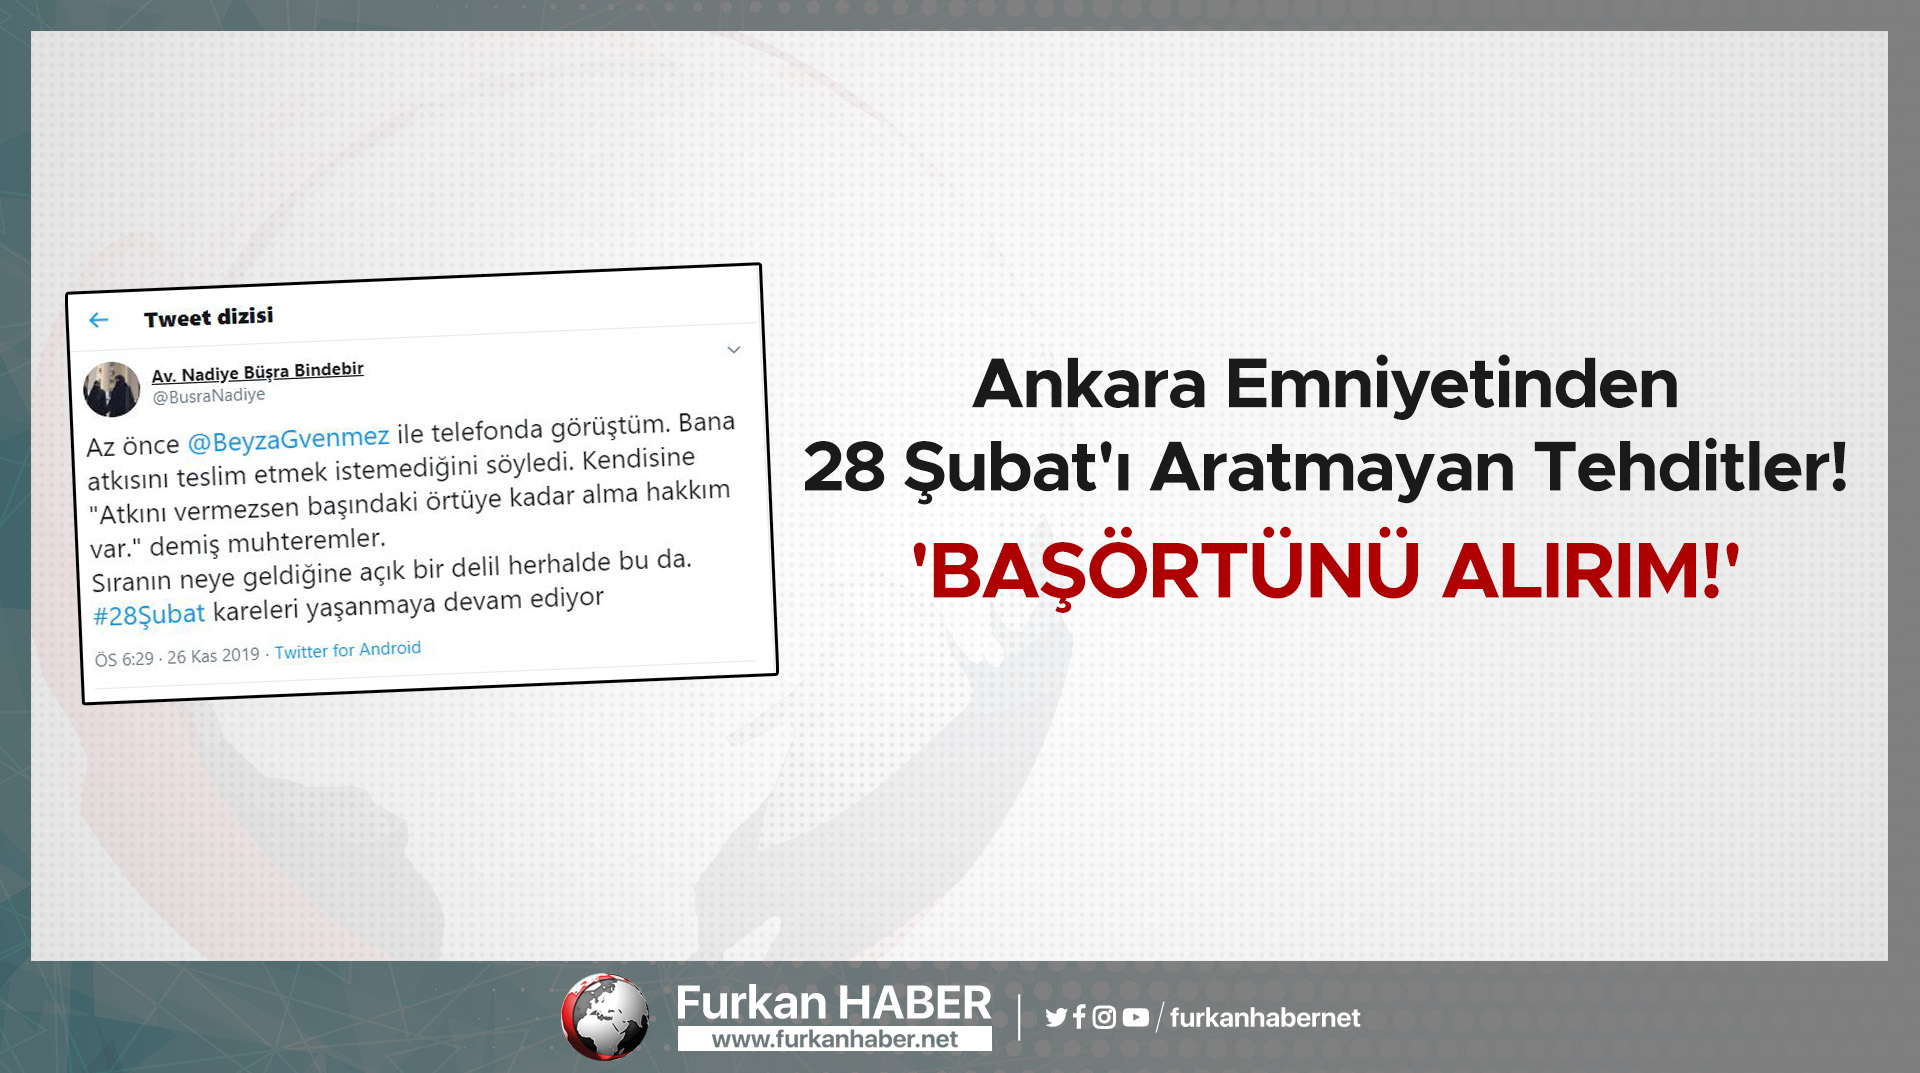 Ankara Emniyetinden 28 Şubat'ı Aratmayan Tehditler! 'Başörtünü Alırım!'